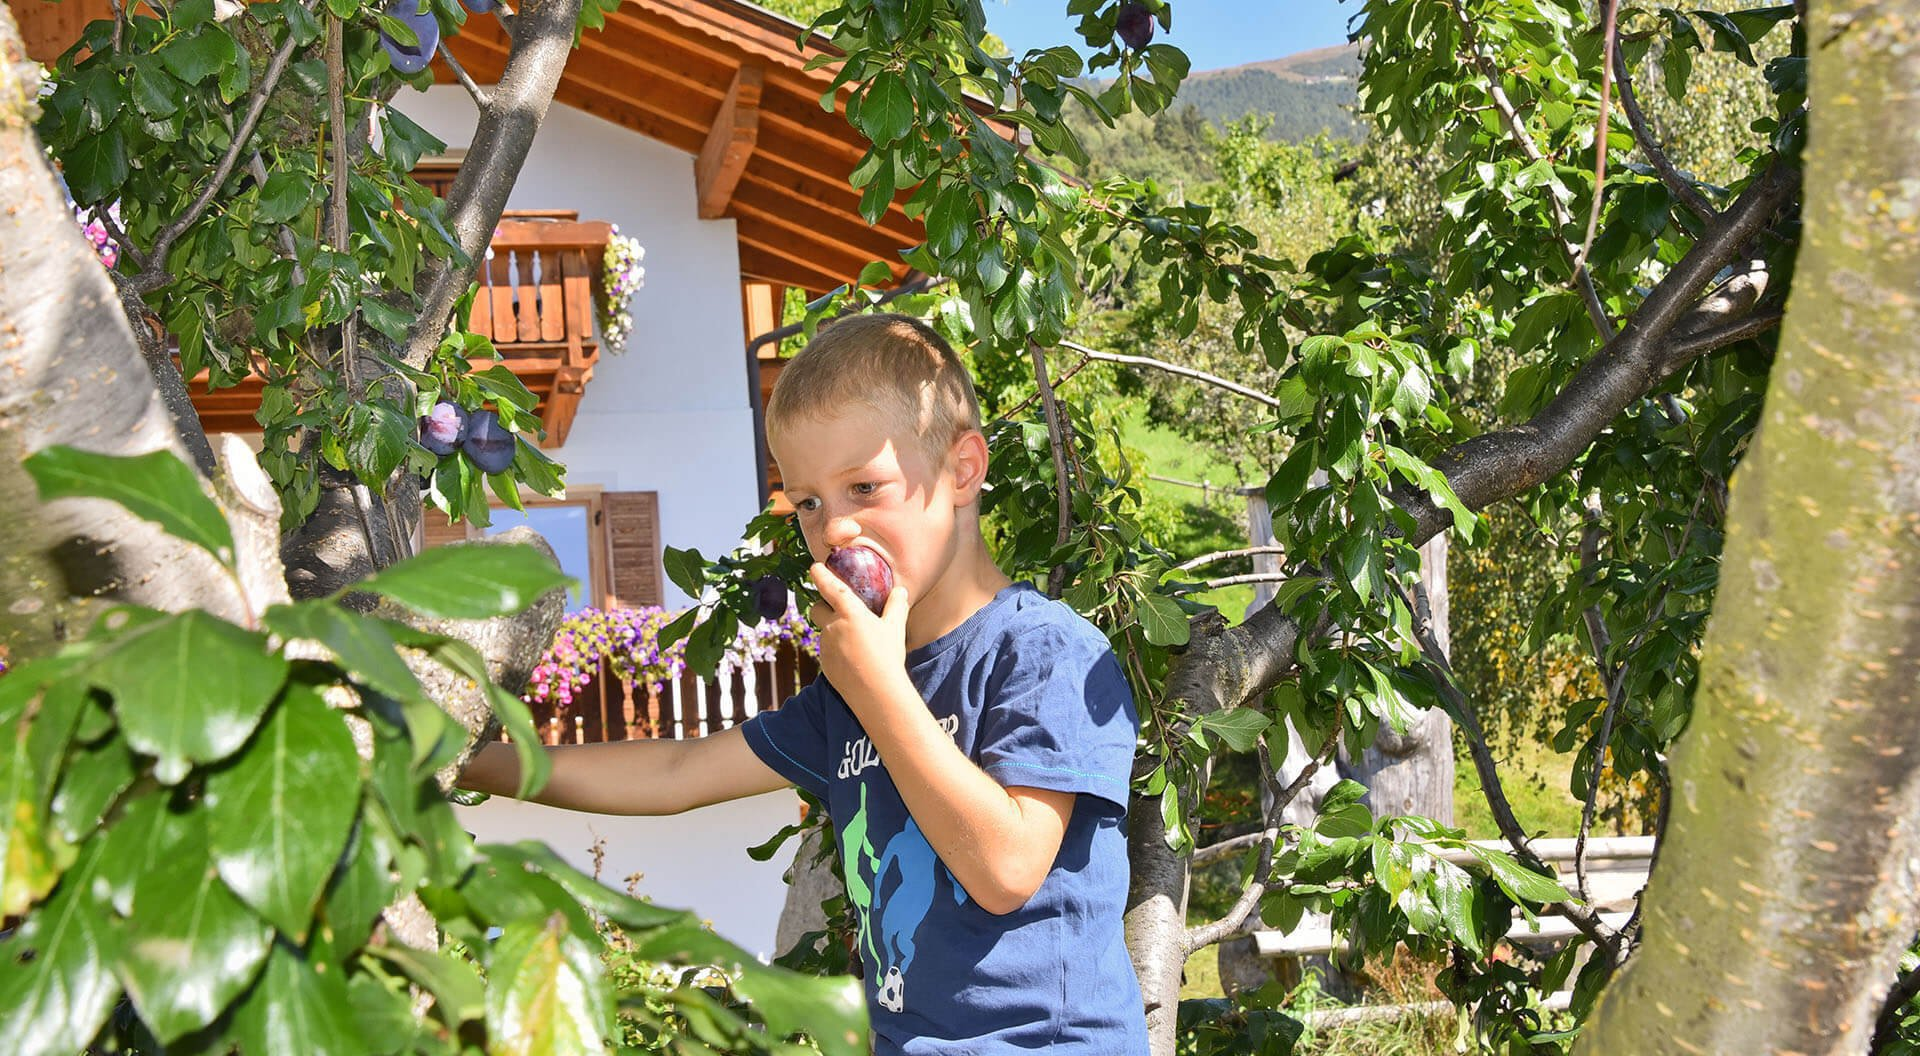 Kircherhof | Abwechslungsreicher Kinderurlaub auf dem Bauernhof in Brixen/Südtirol